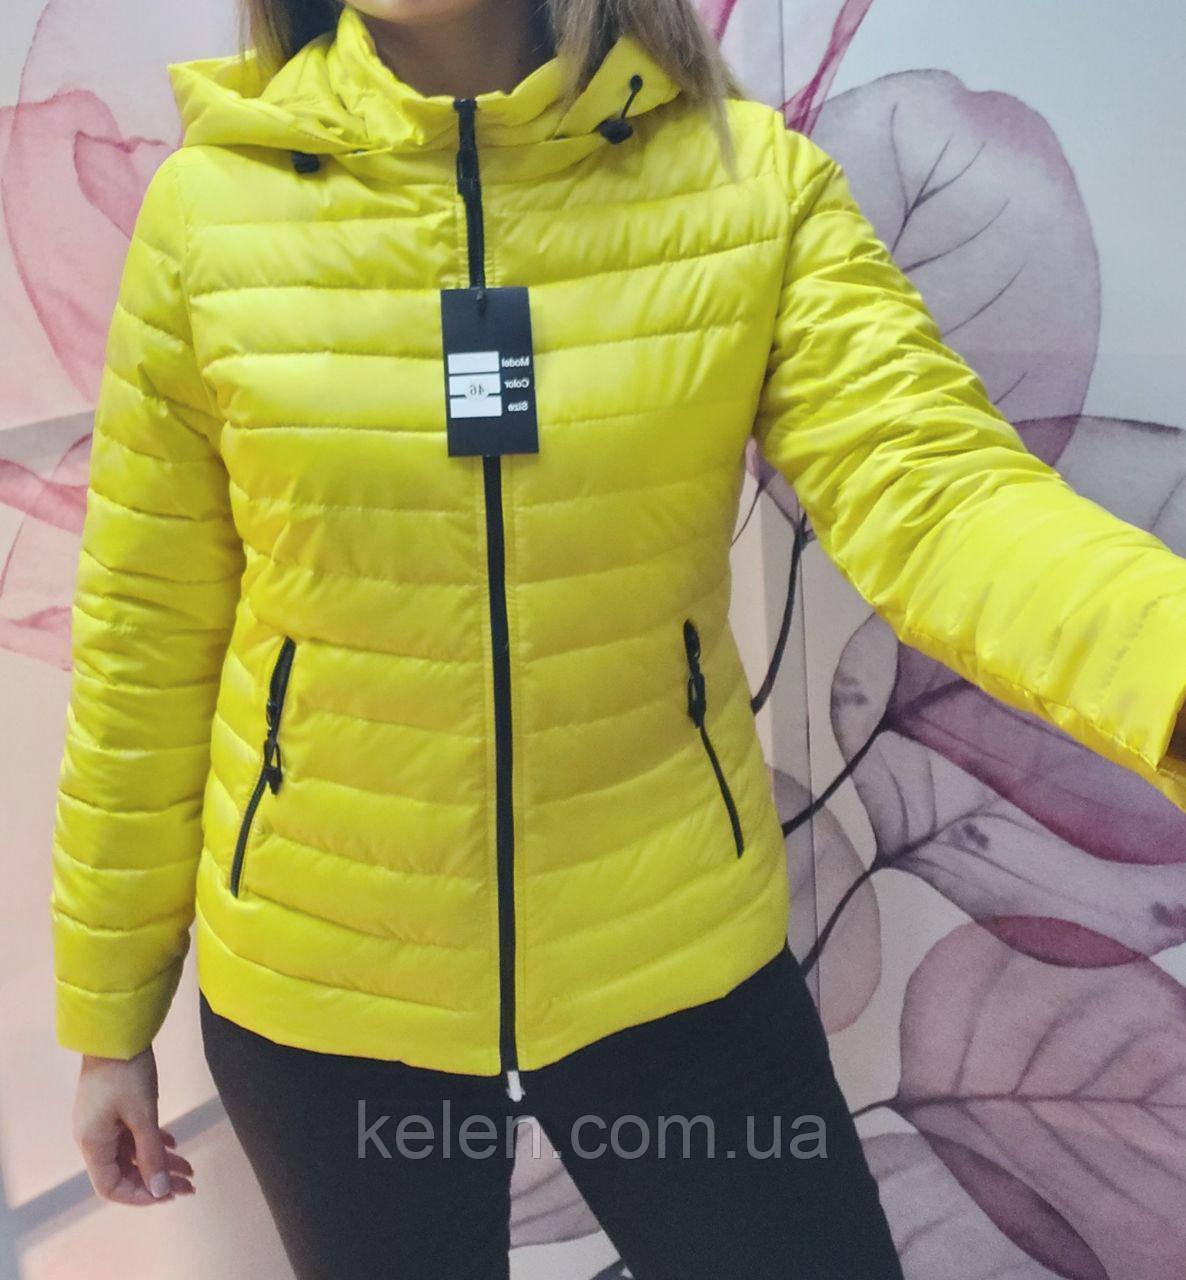 Легкая демисезонная куртка желтого цвета размеры с 42 по 56